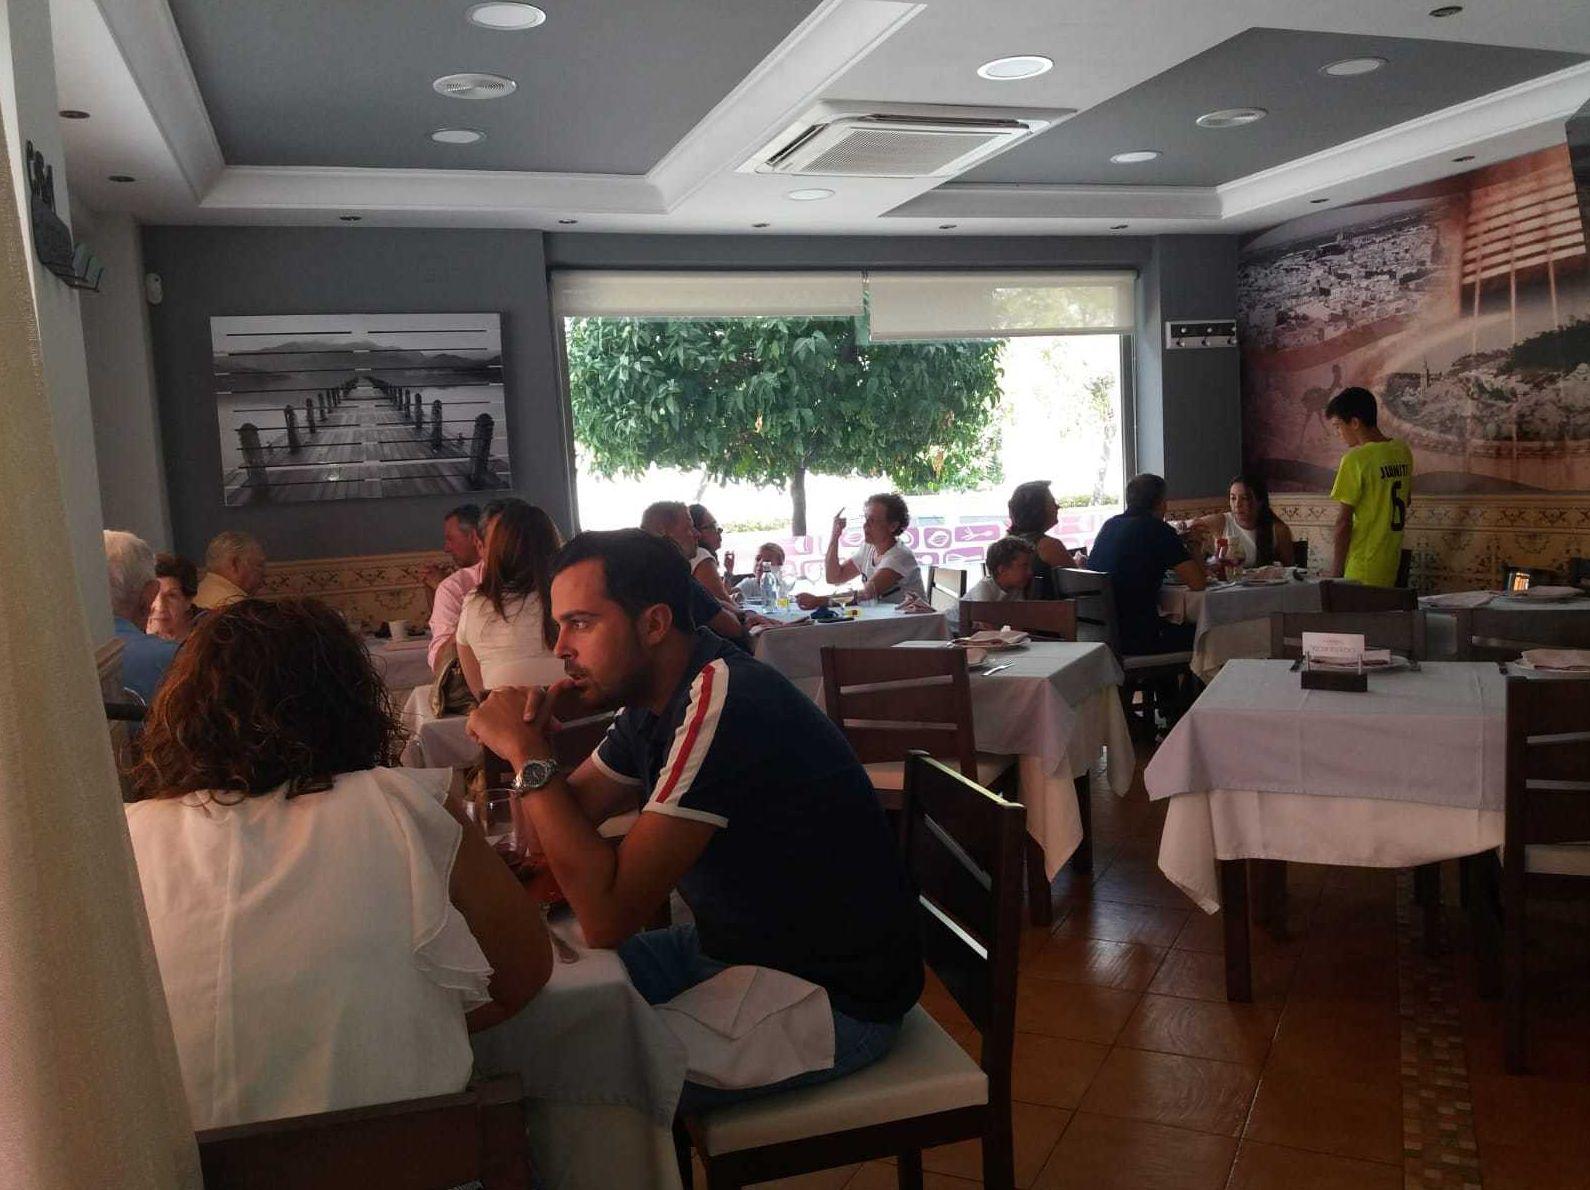 Restaurante en Morón de la Frontera